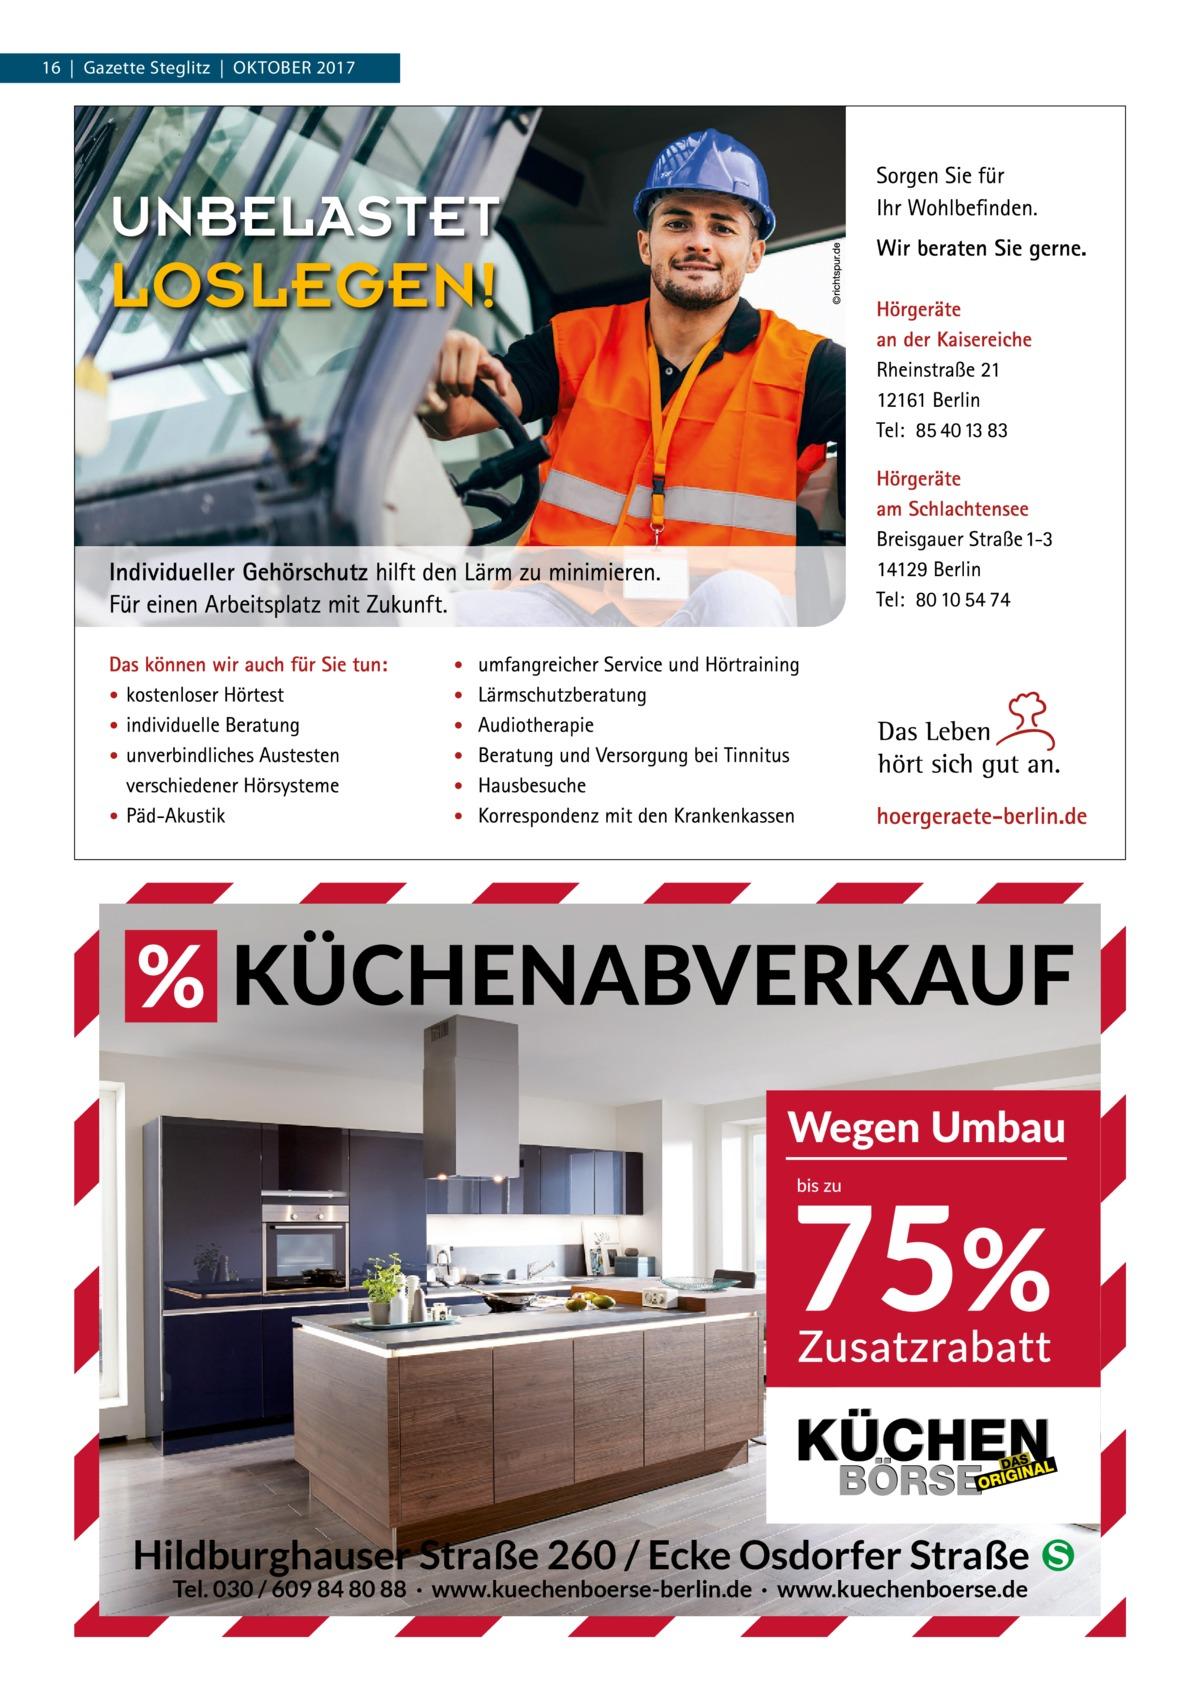 16 Gazette Steglitz Oktober 2017  Hildburghauser Straße 260 / Ecke Osdorfer Straße � Tel. 030 / 609 84 80 88 · www.kuechenboerse-berlin.de · www.kuechenboerse.de